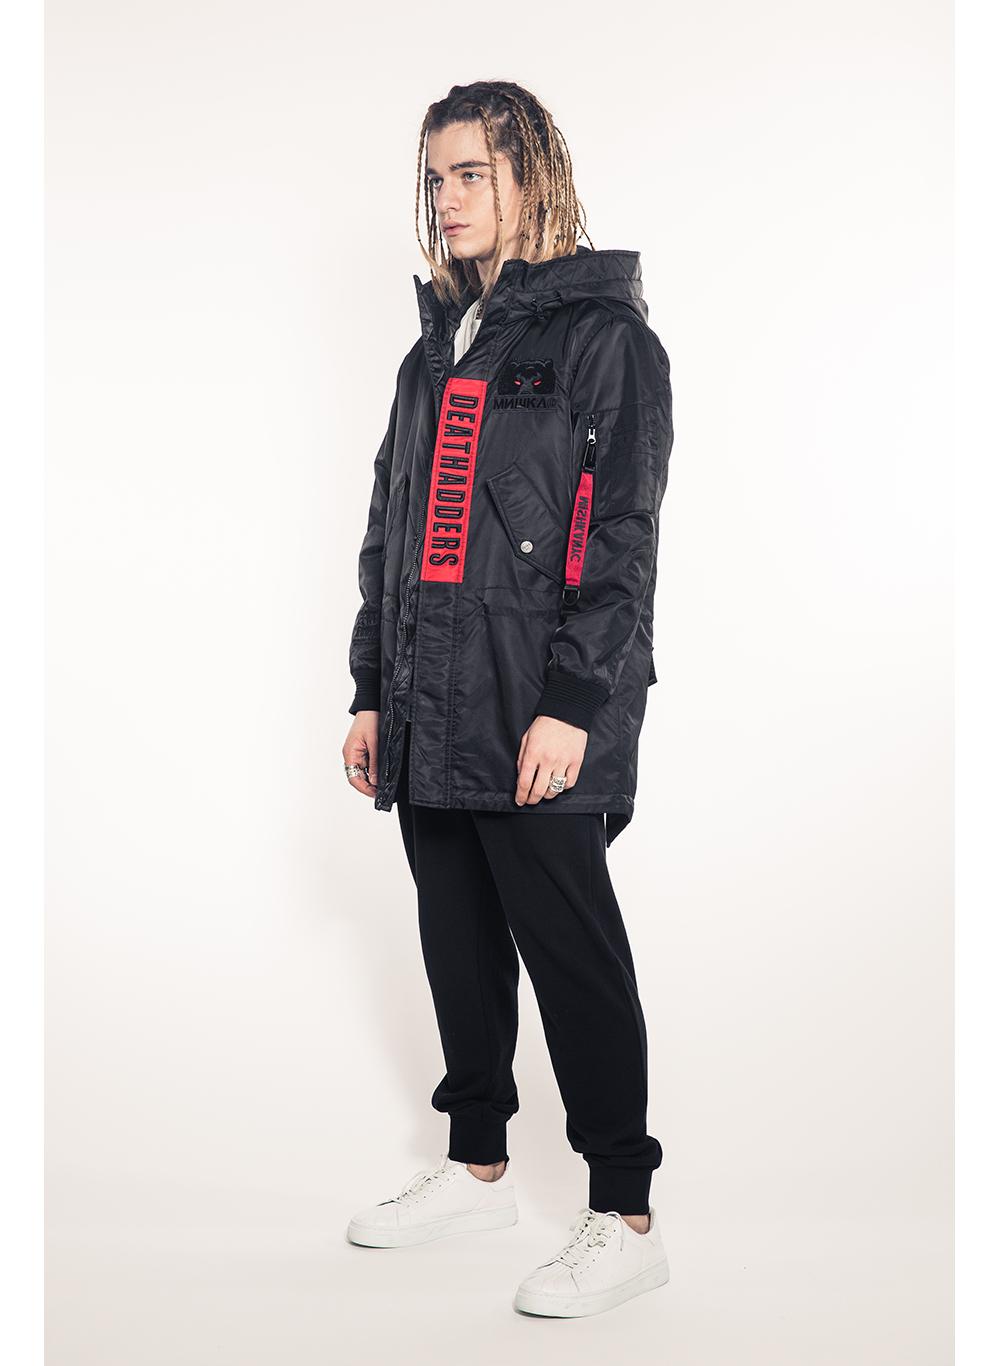 DA Sport Fishtail Jacket